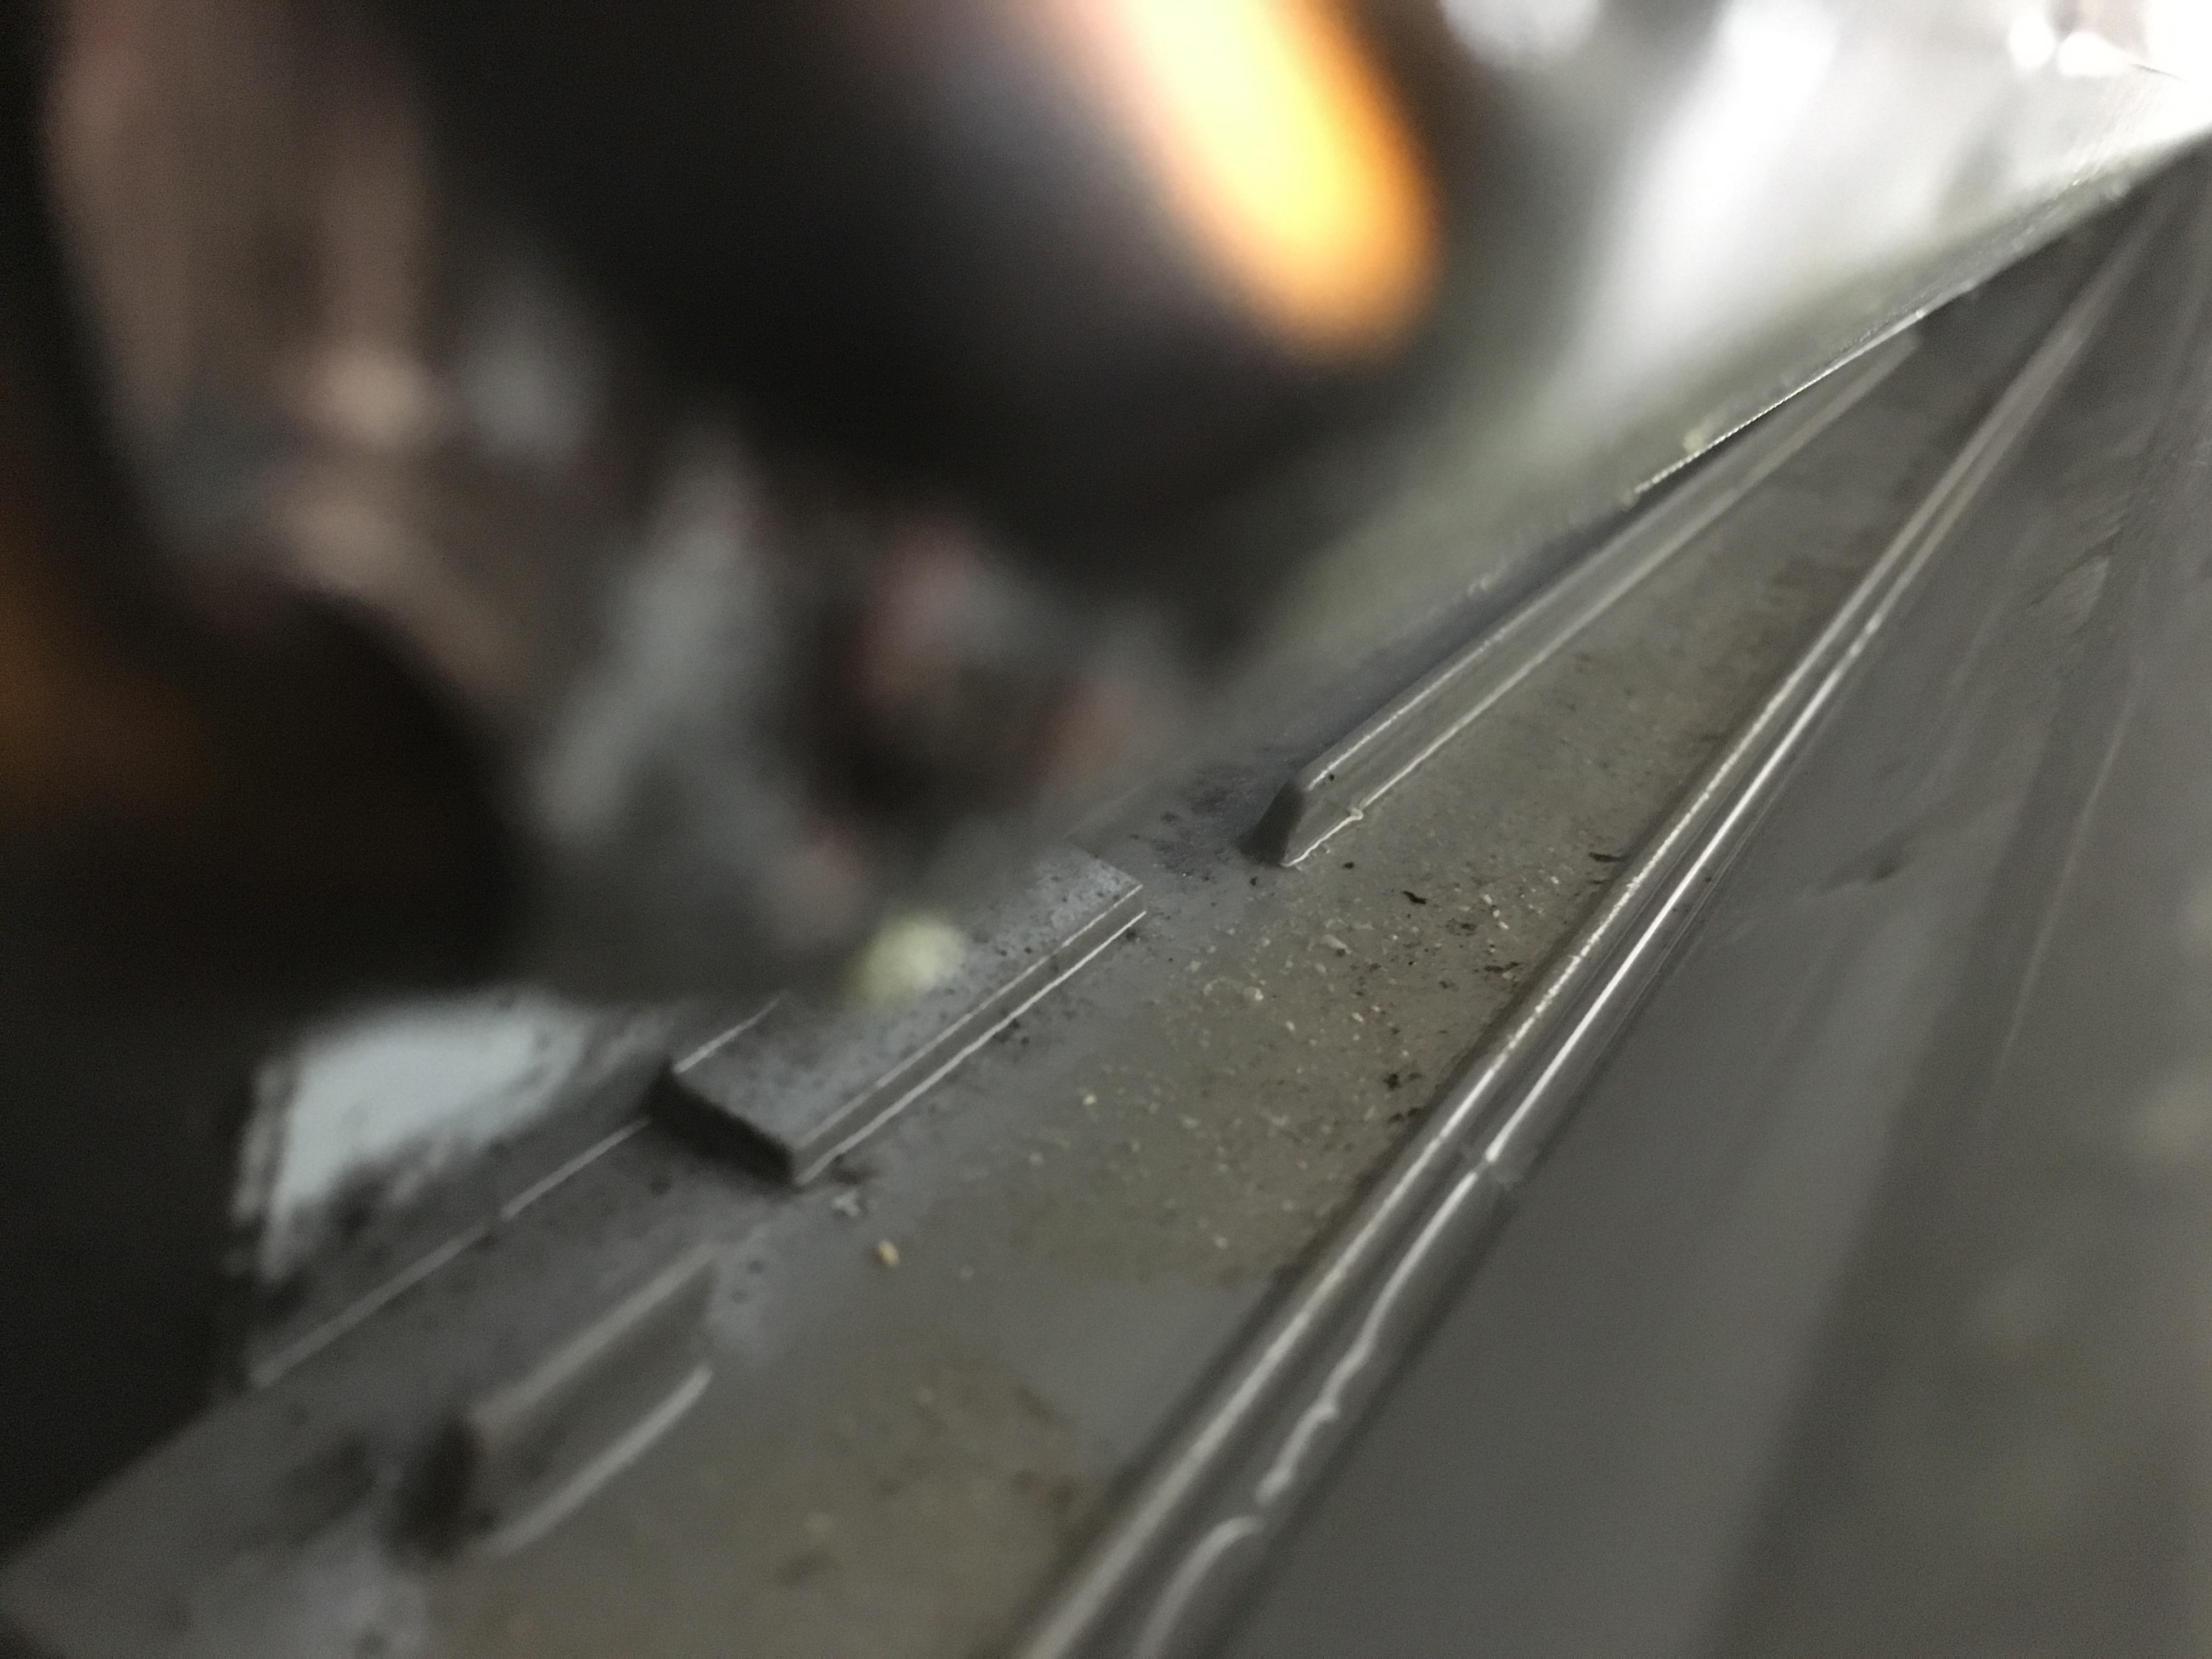 ハウスクリーニング立川エアコンクリーニングダイキンAN22NESK- W高圧洗浄